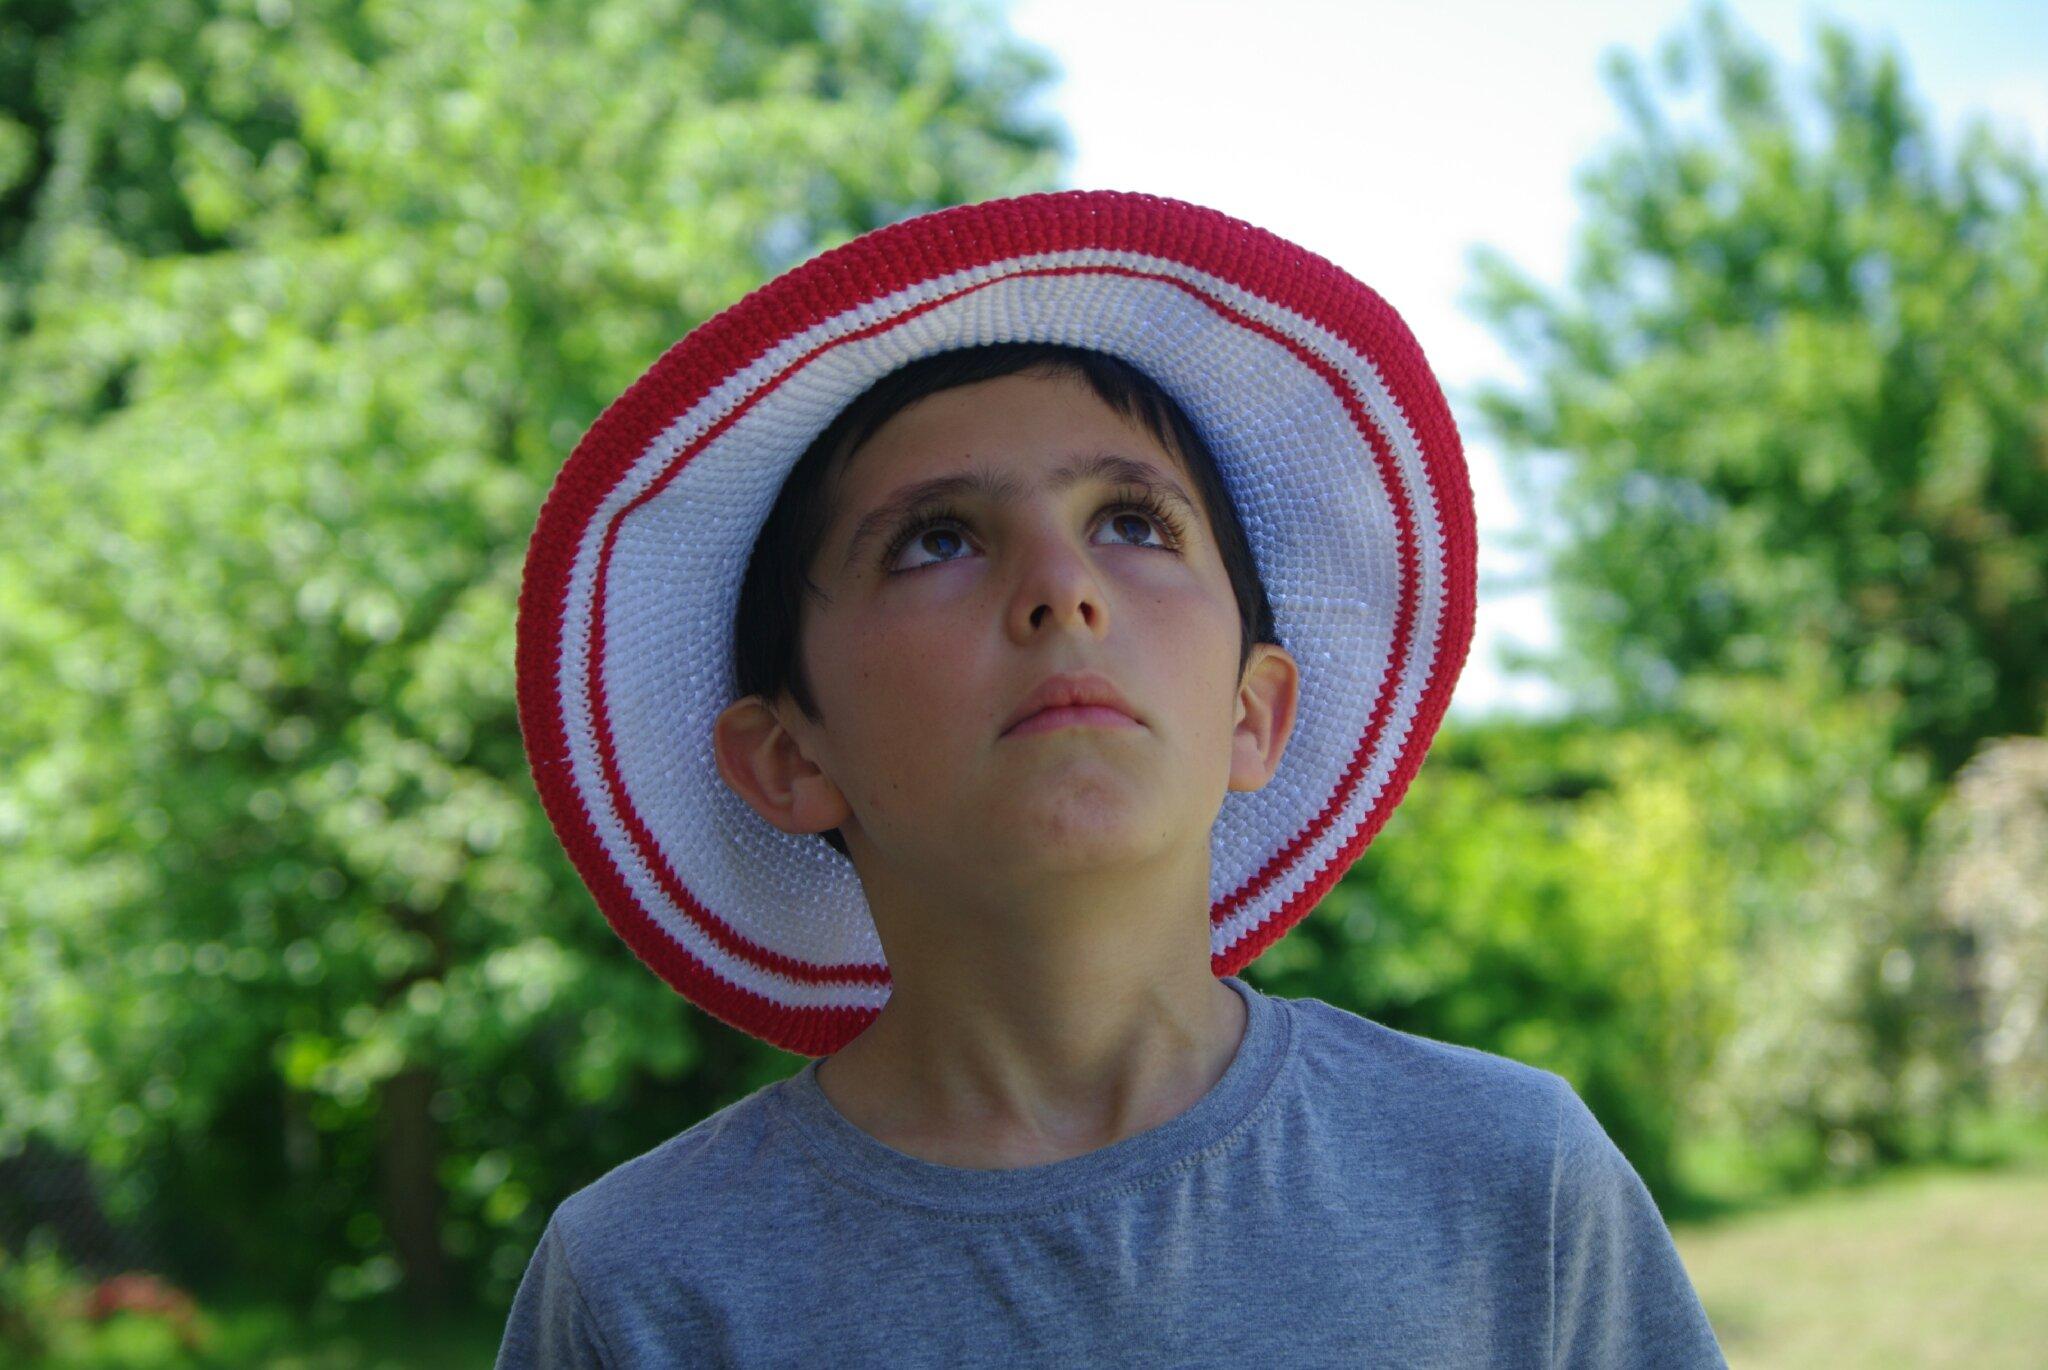 crocheter un chapeau rouge et blanc